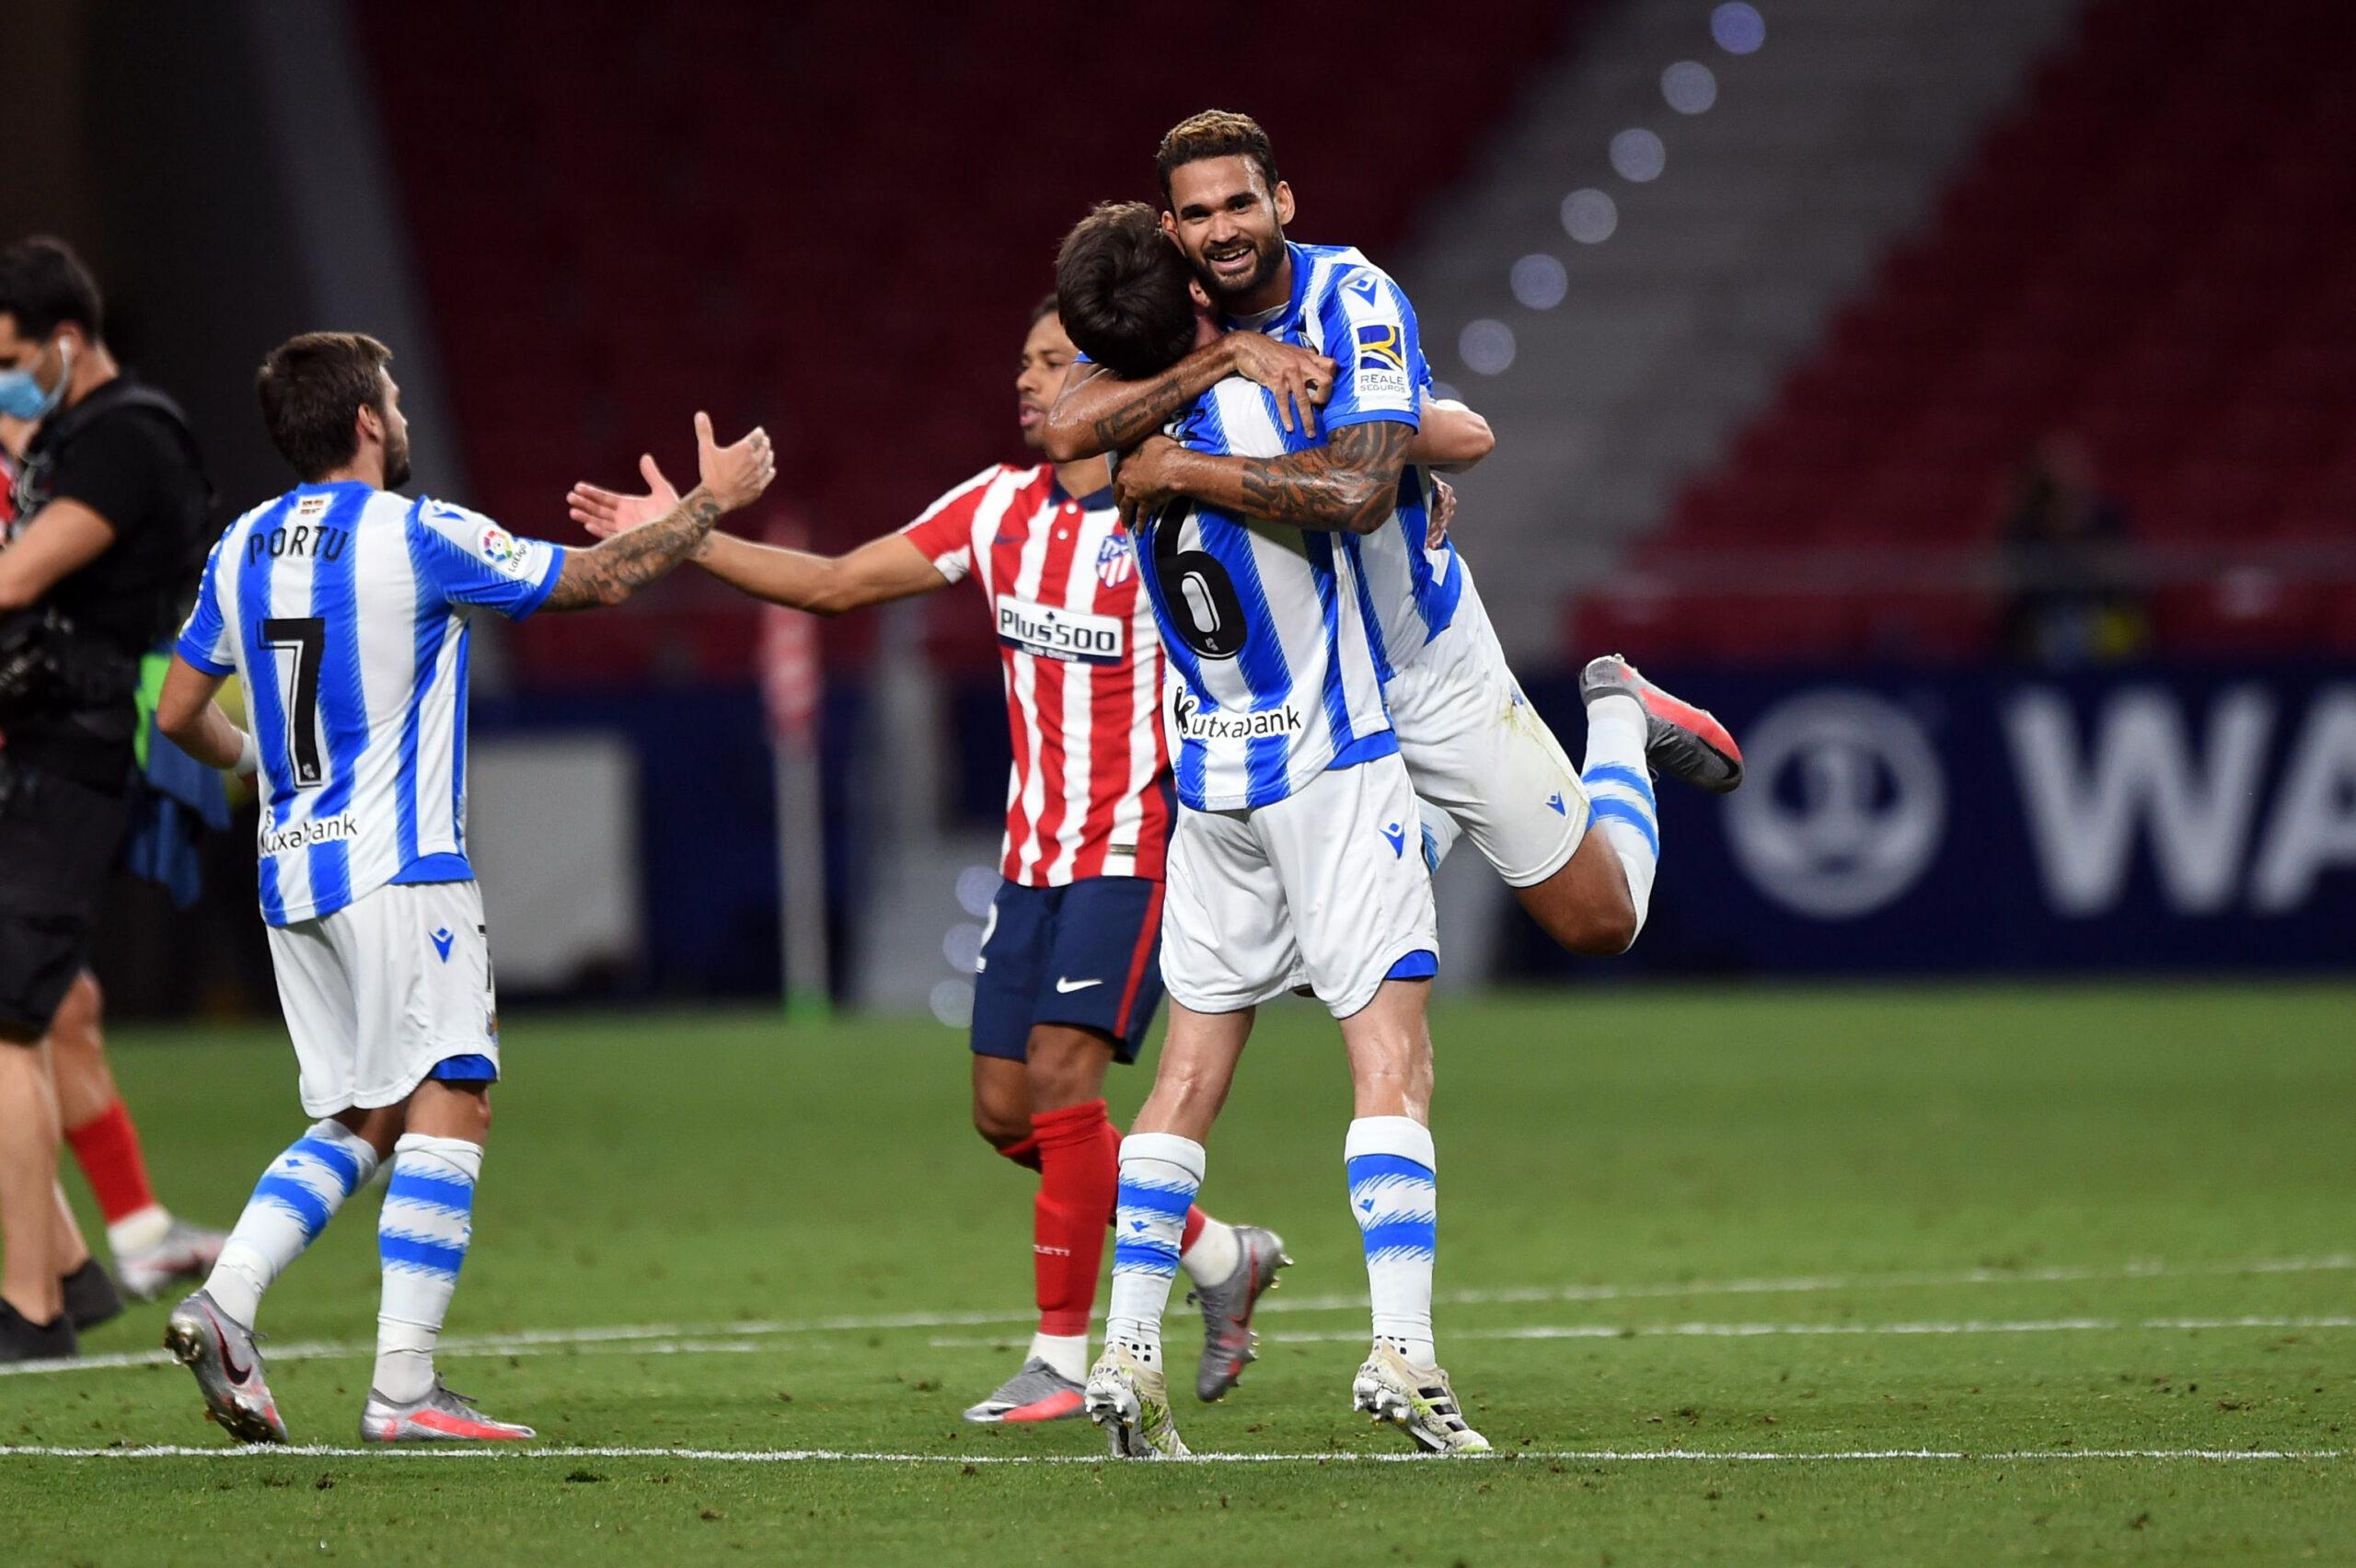 El Atlético de Madrid elige Anoeta como campo alternativo